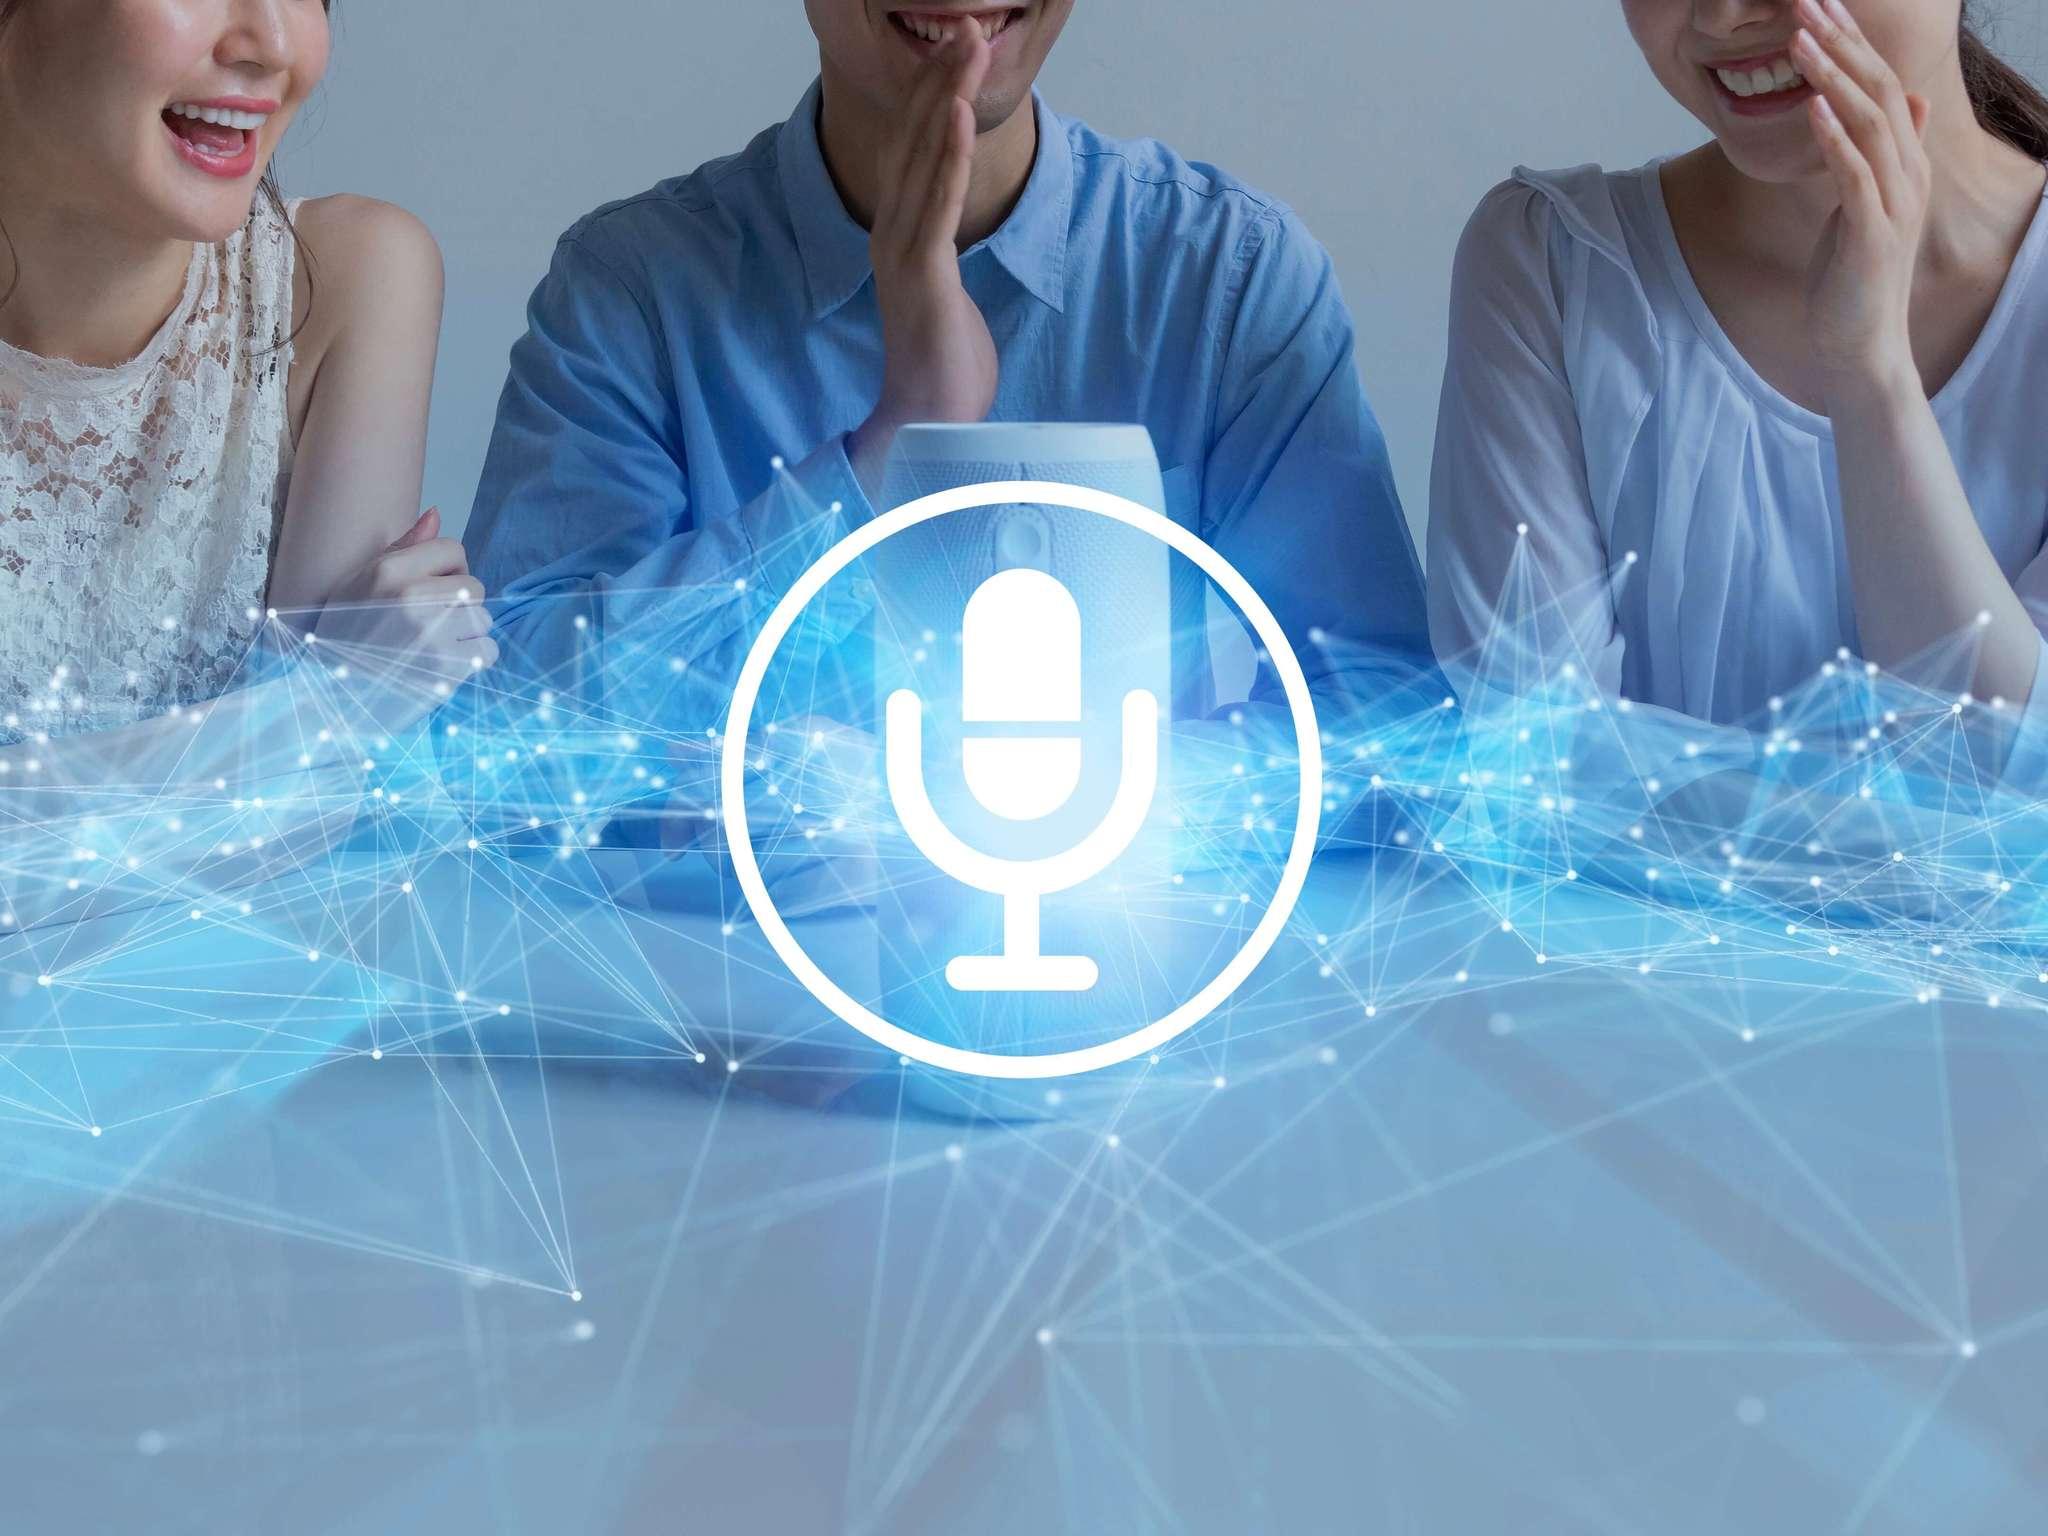 スマートスピーカーの普及で検索が変わる?音声検索の対策について